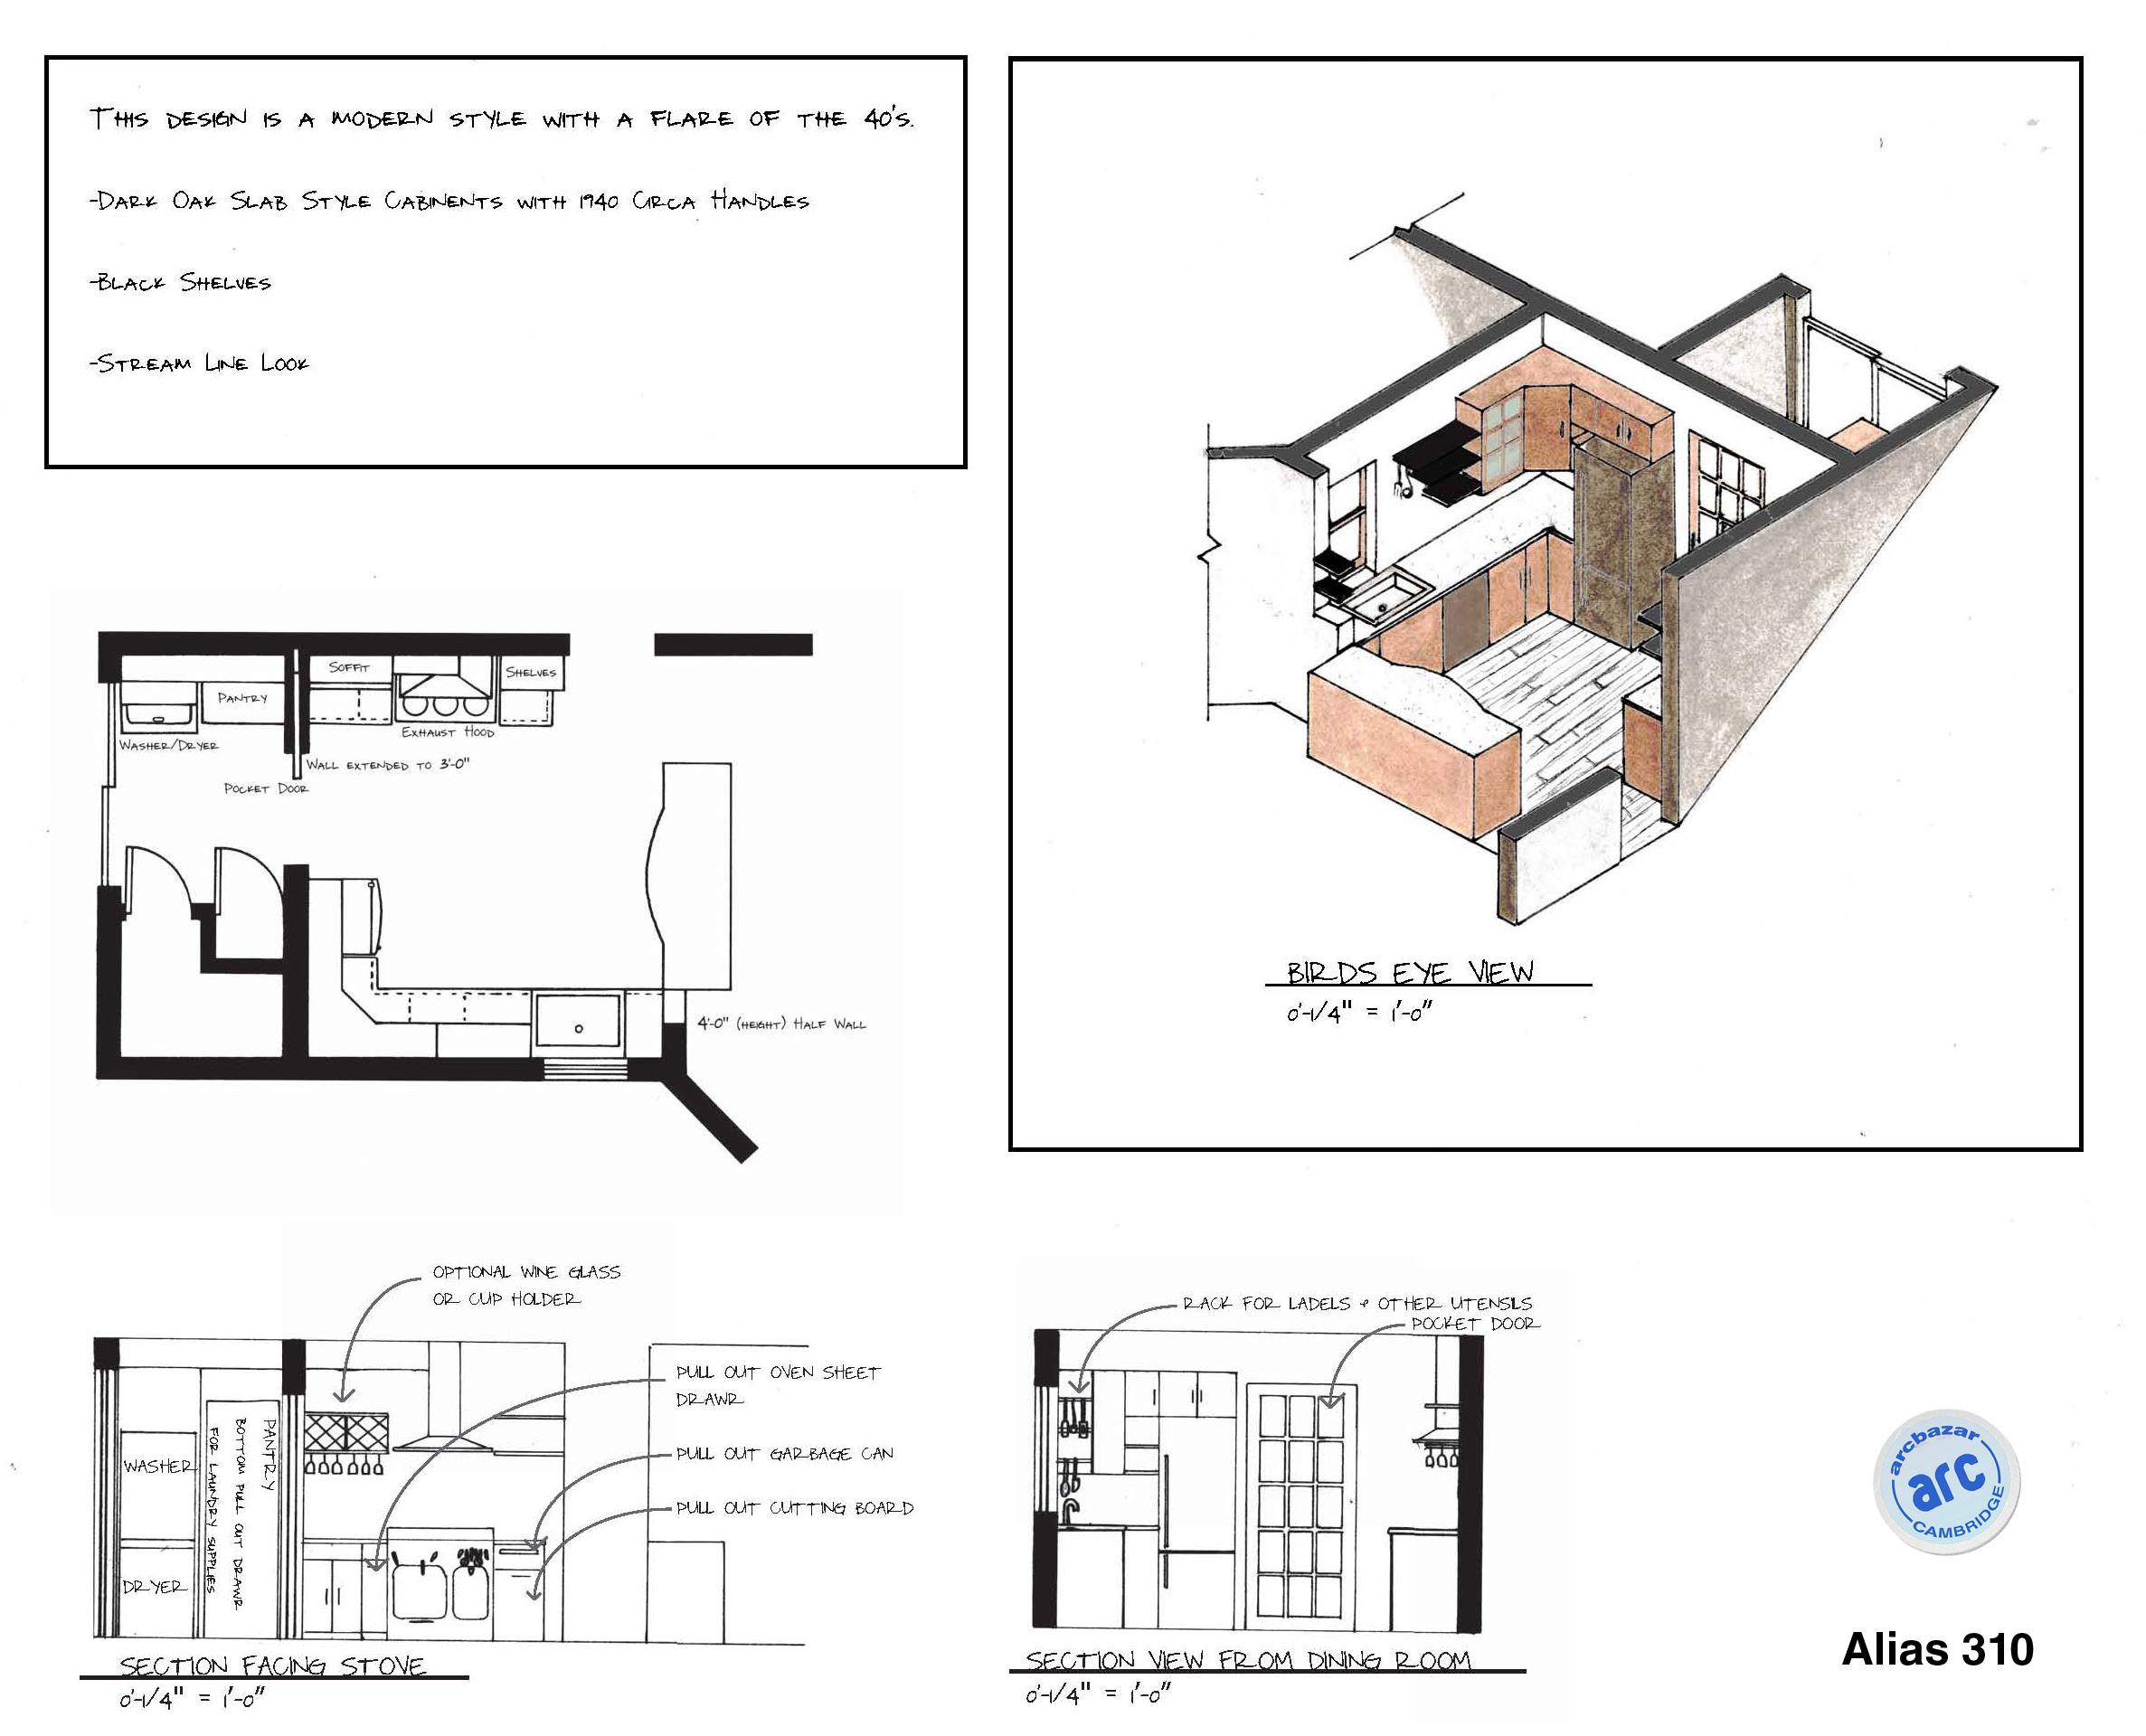 Viewdesignerproject Projectkitchen Design Designed By Alexander Carlson Kitchen